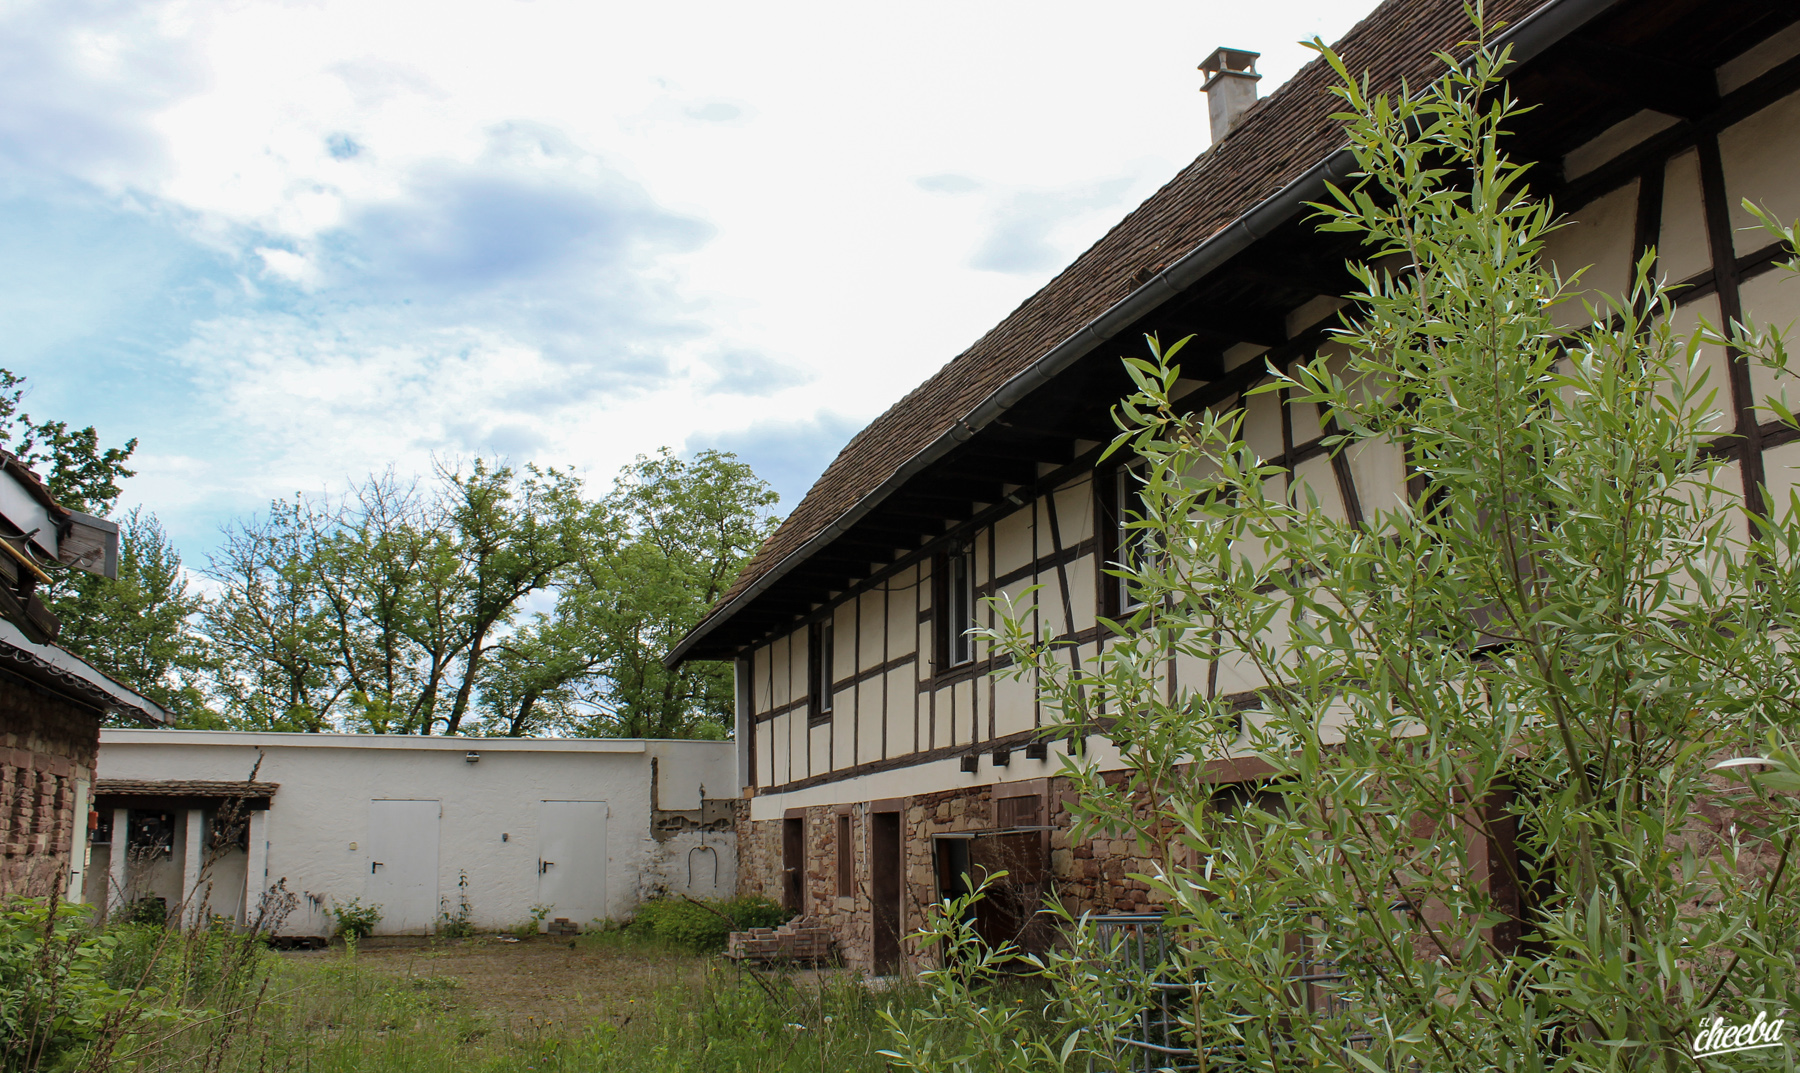 Auberge de la CIA, une auberge abandonnée en Alsace - Urbex Alsace